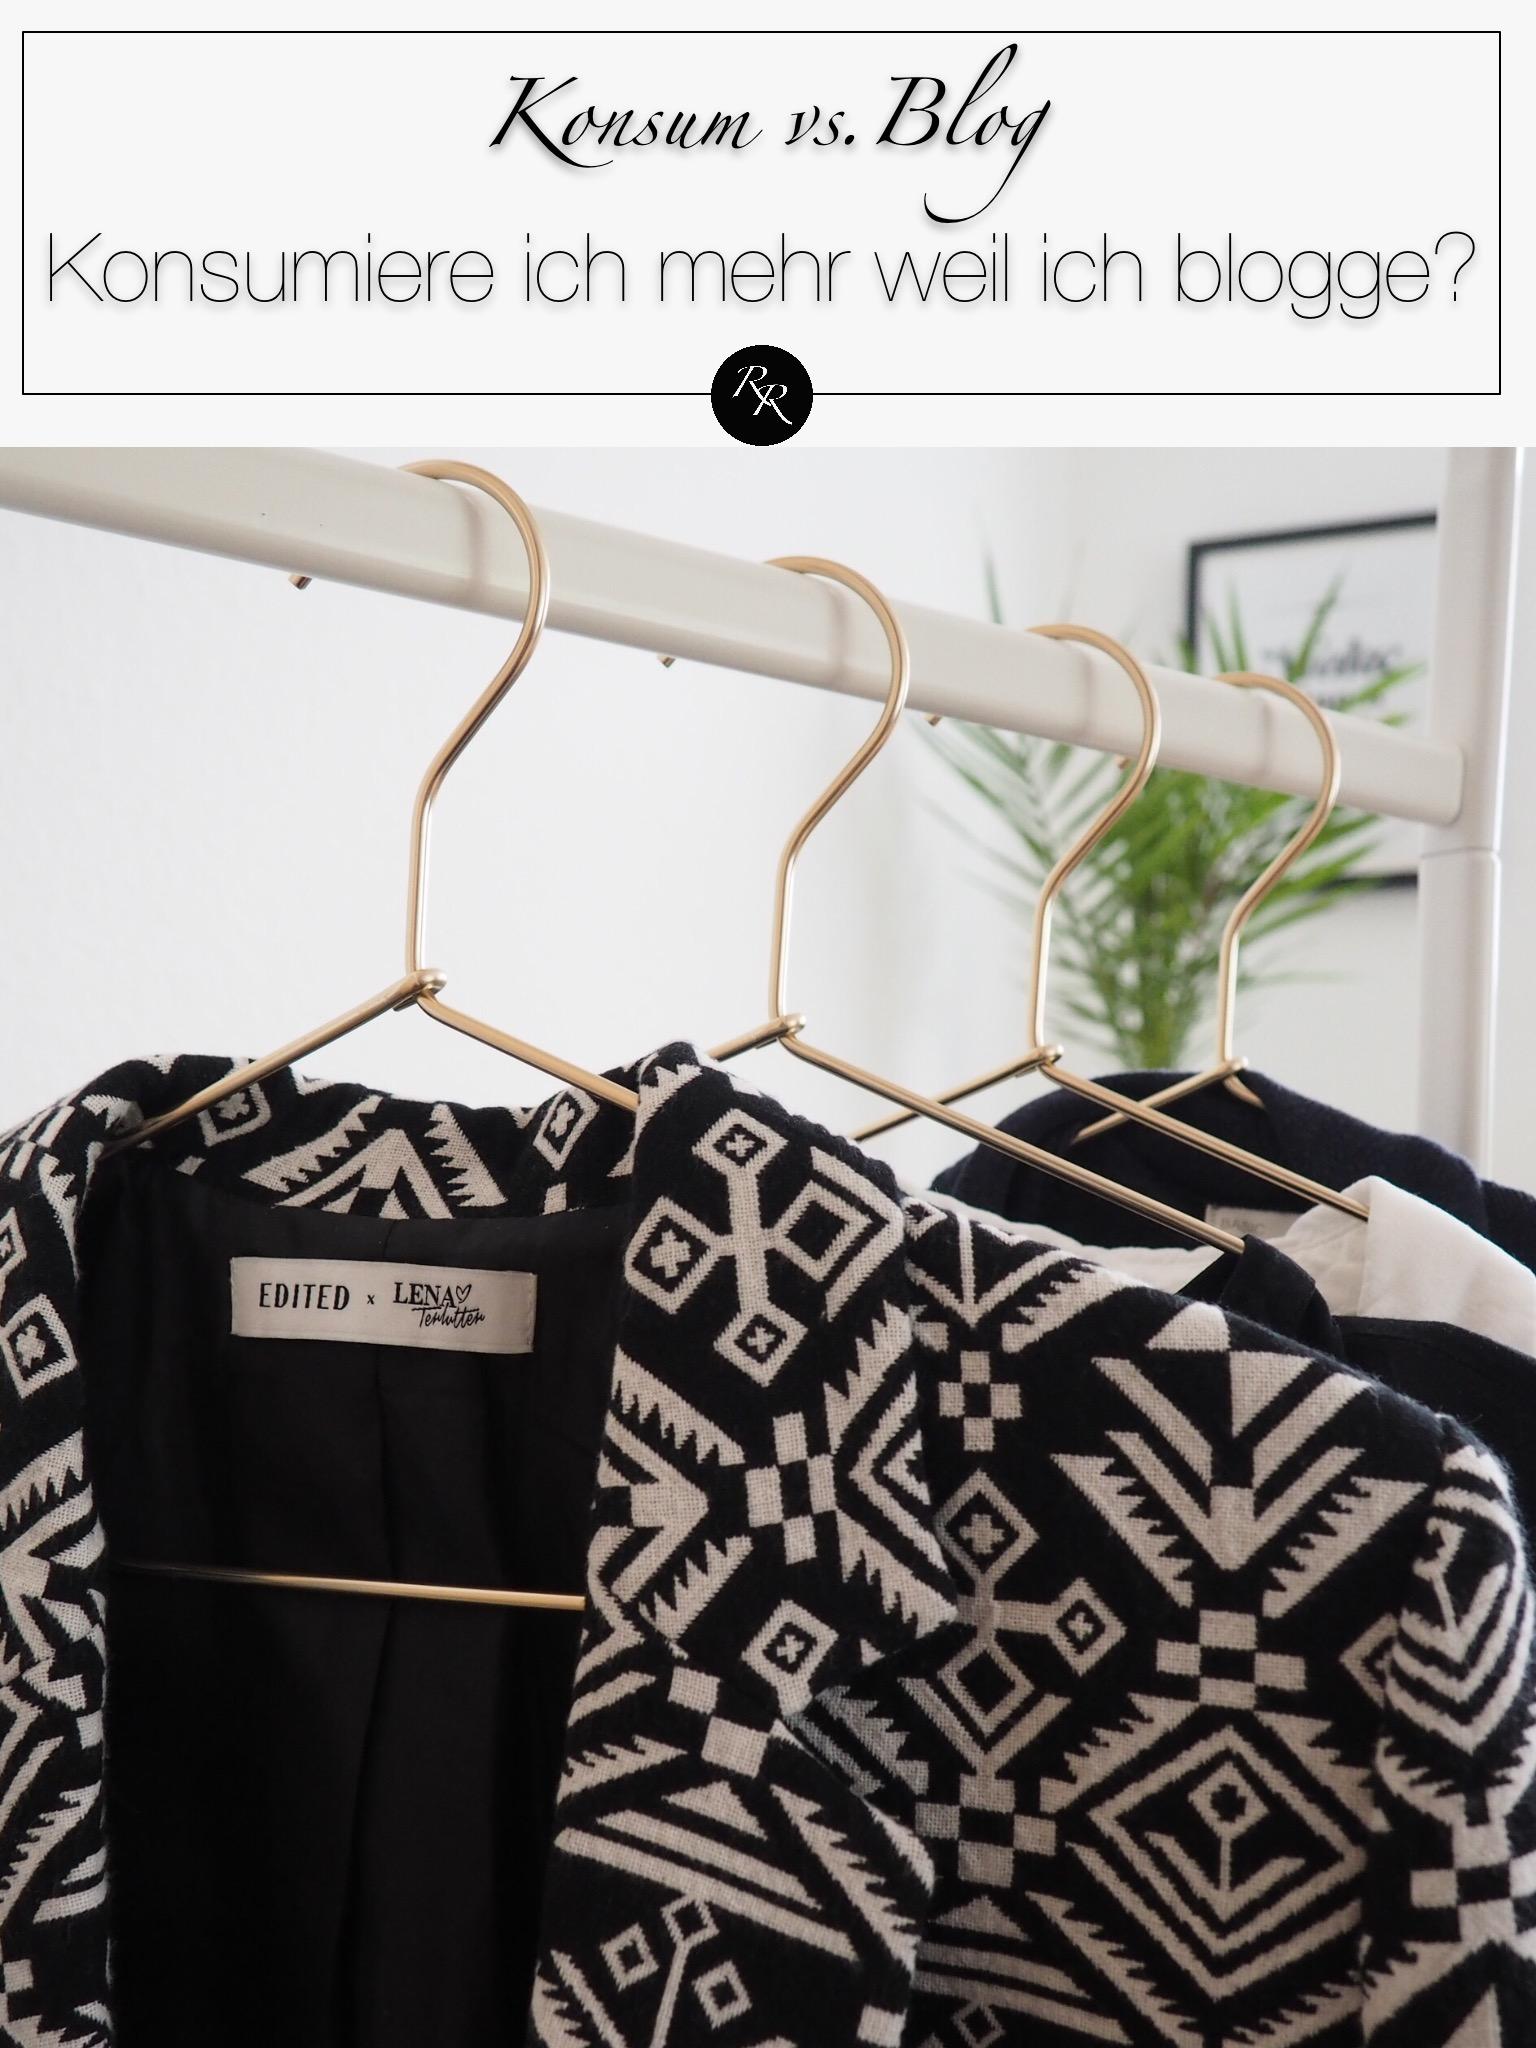 bloggen vs konsumieren - kaufe ich mehr weil ich blogge